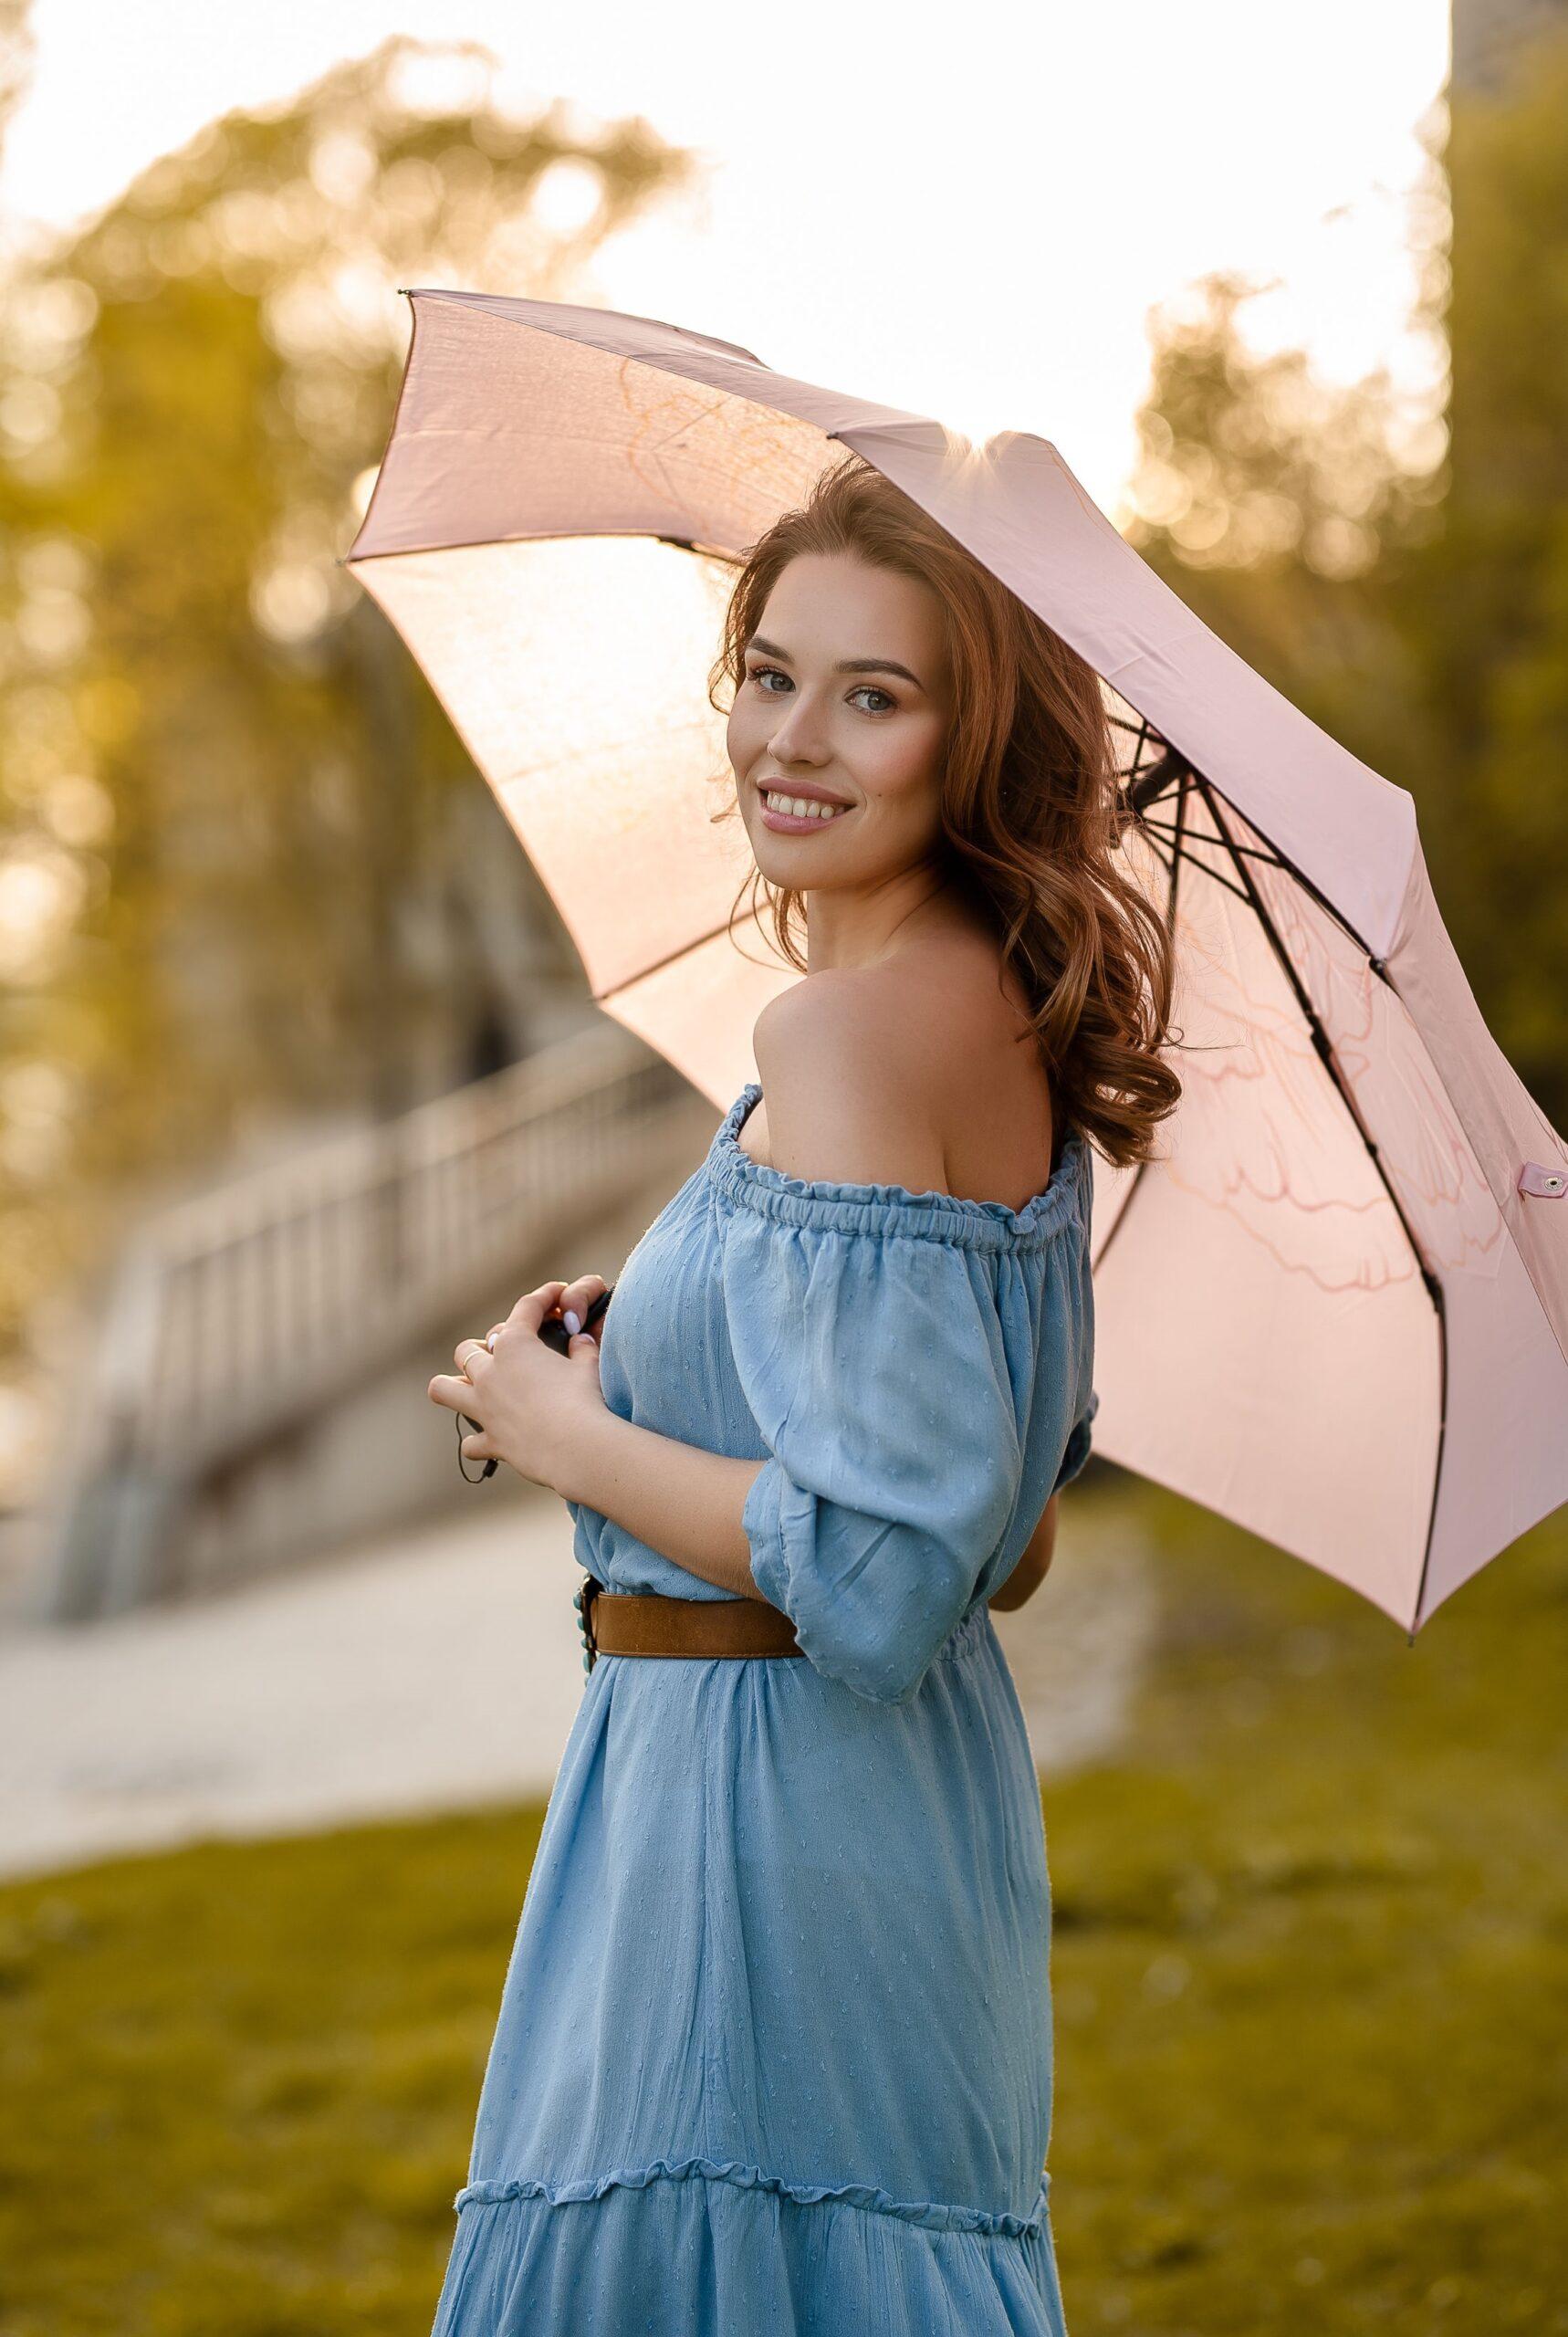 womens umbrella